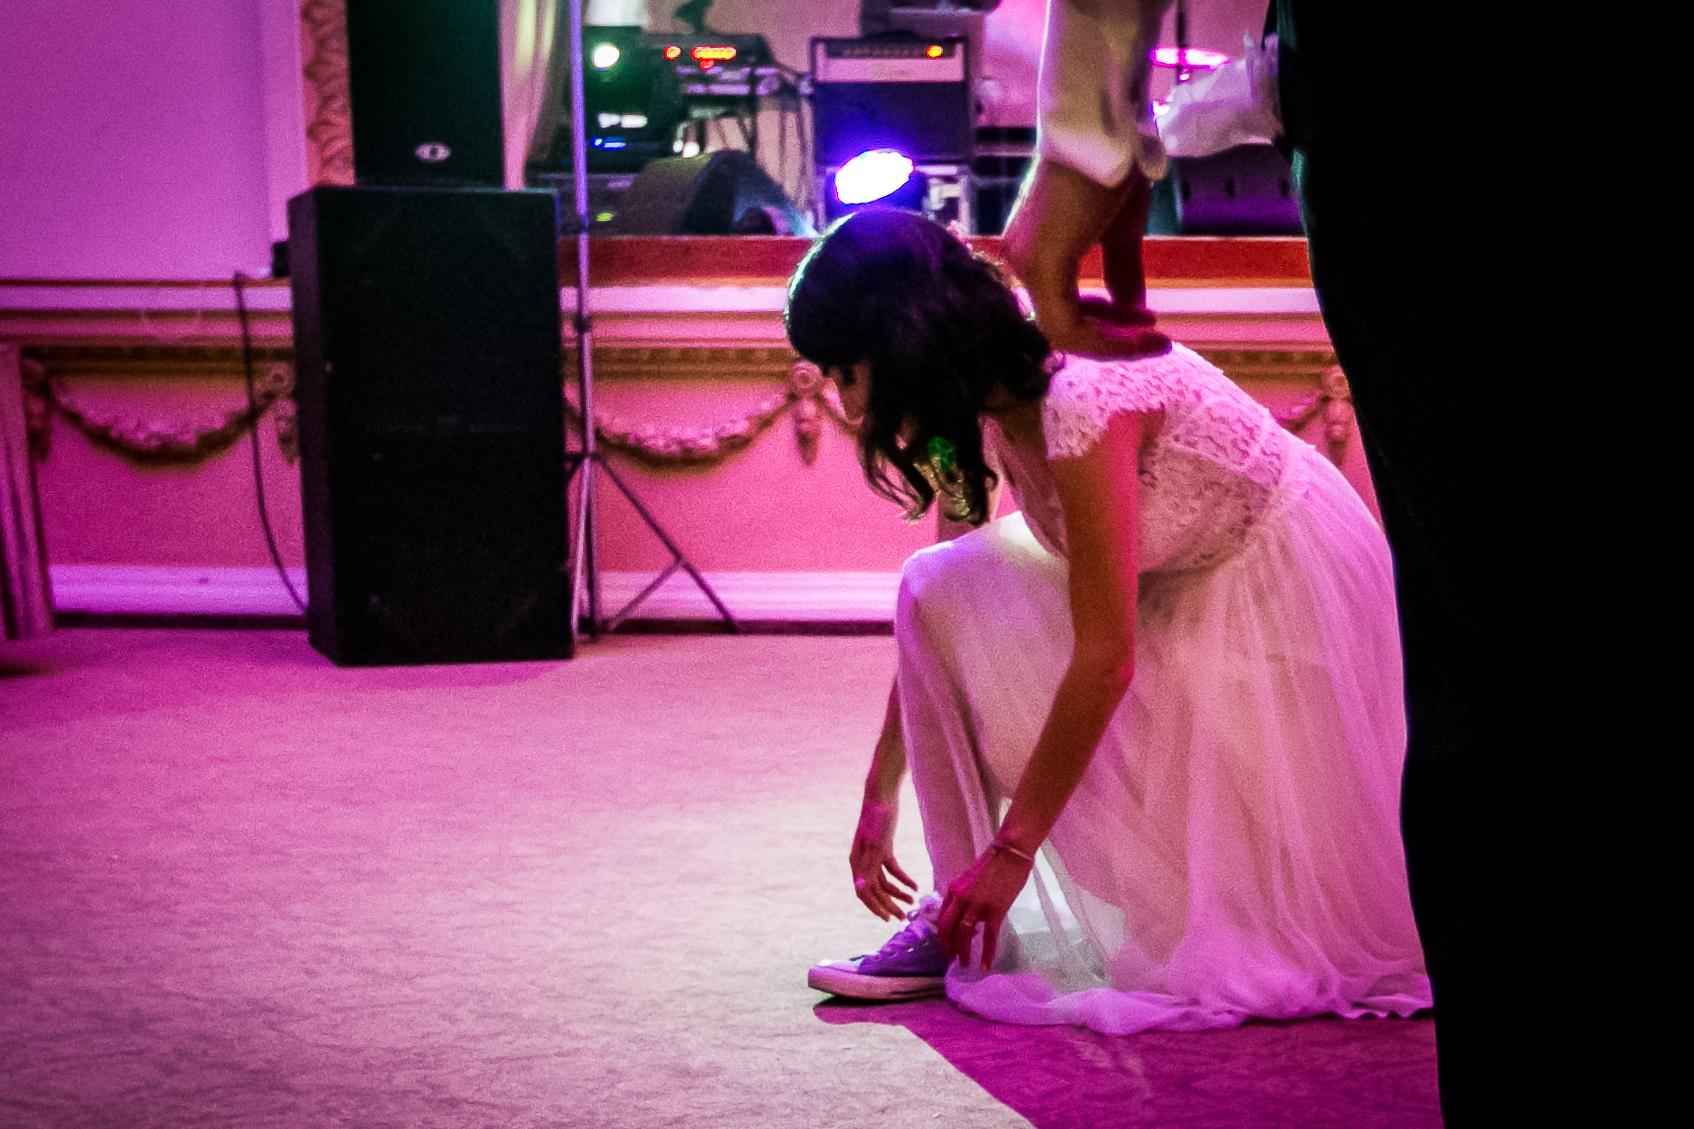 nuntă Salon Elisabeta - Elena şi Costin - Mihai Zaharia Photography - 087